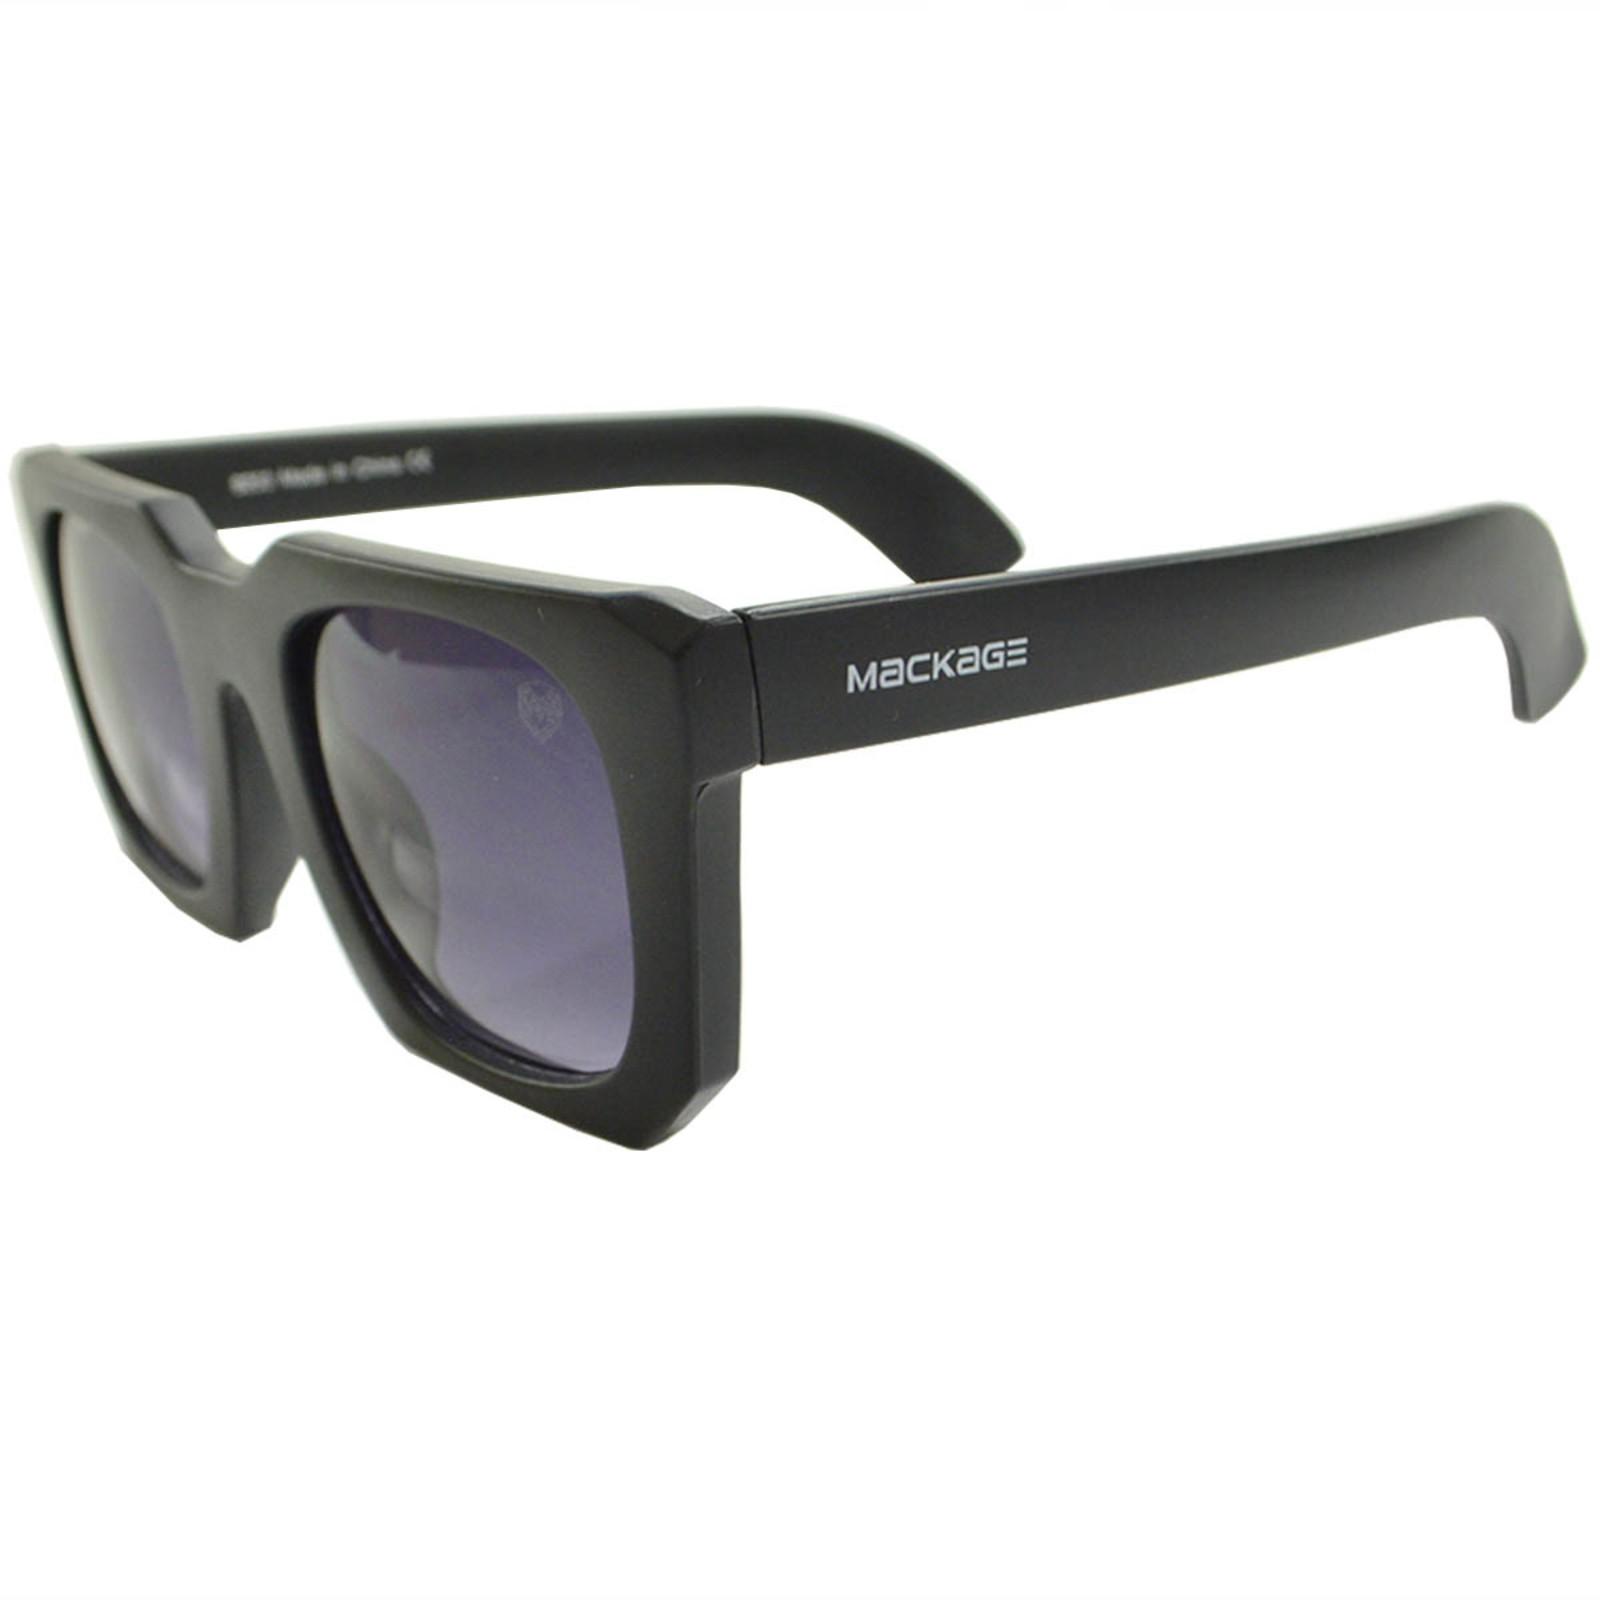 Óculos De Sol Mackage Feminino Quadrado Retrô - Preto Fosco